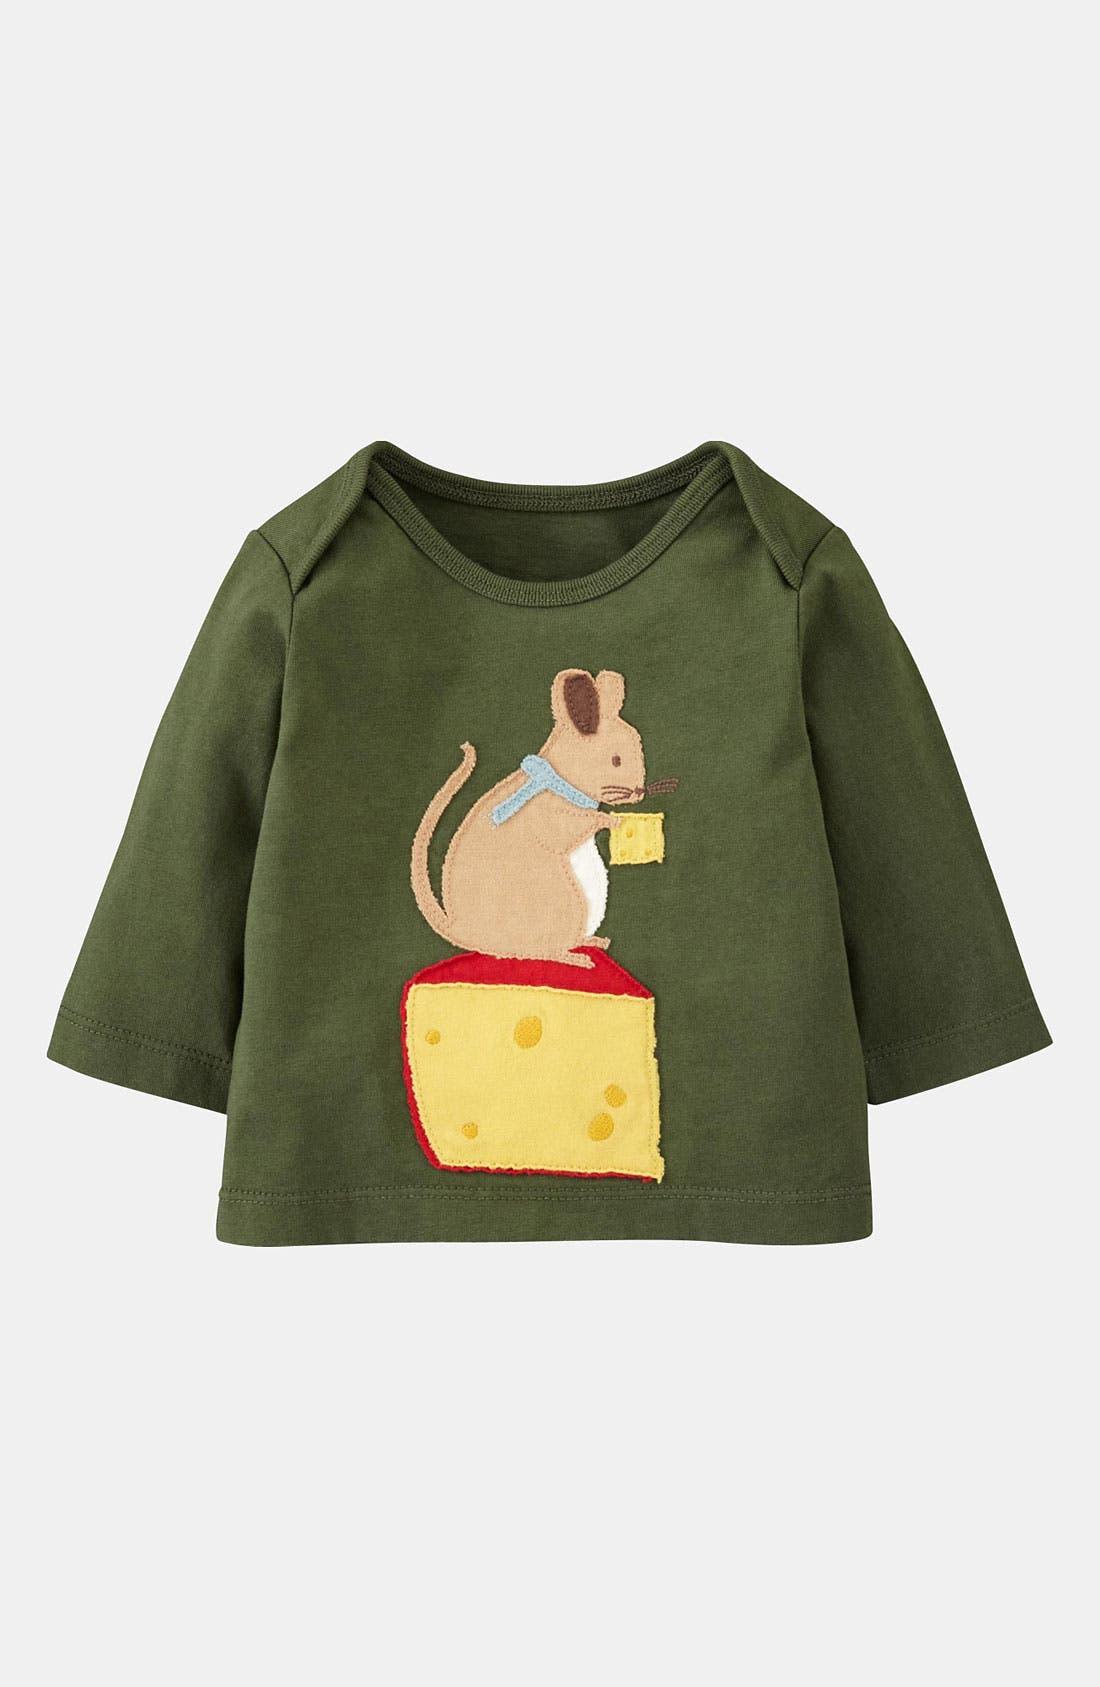 Alternate Image 1 Selected - Mini Boden 'Garden Friends' T-Shirt (Infant)